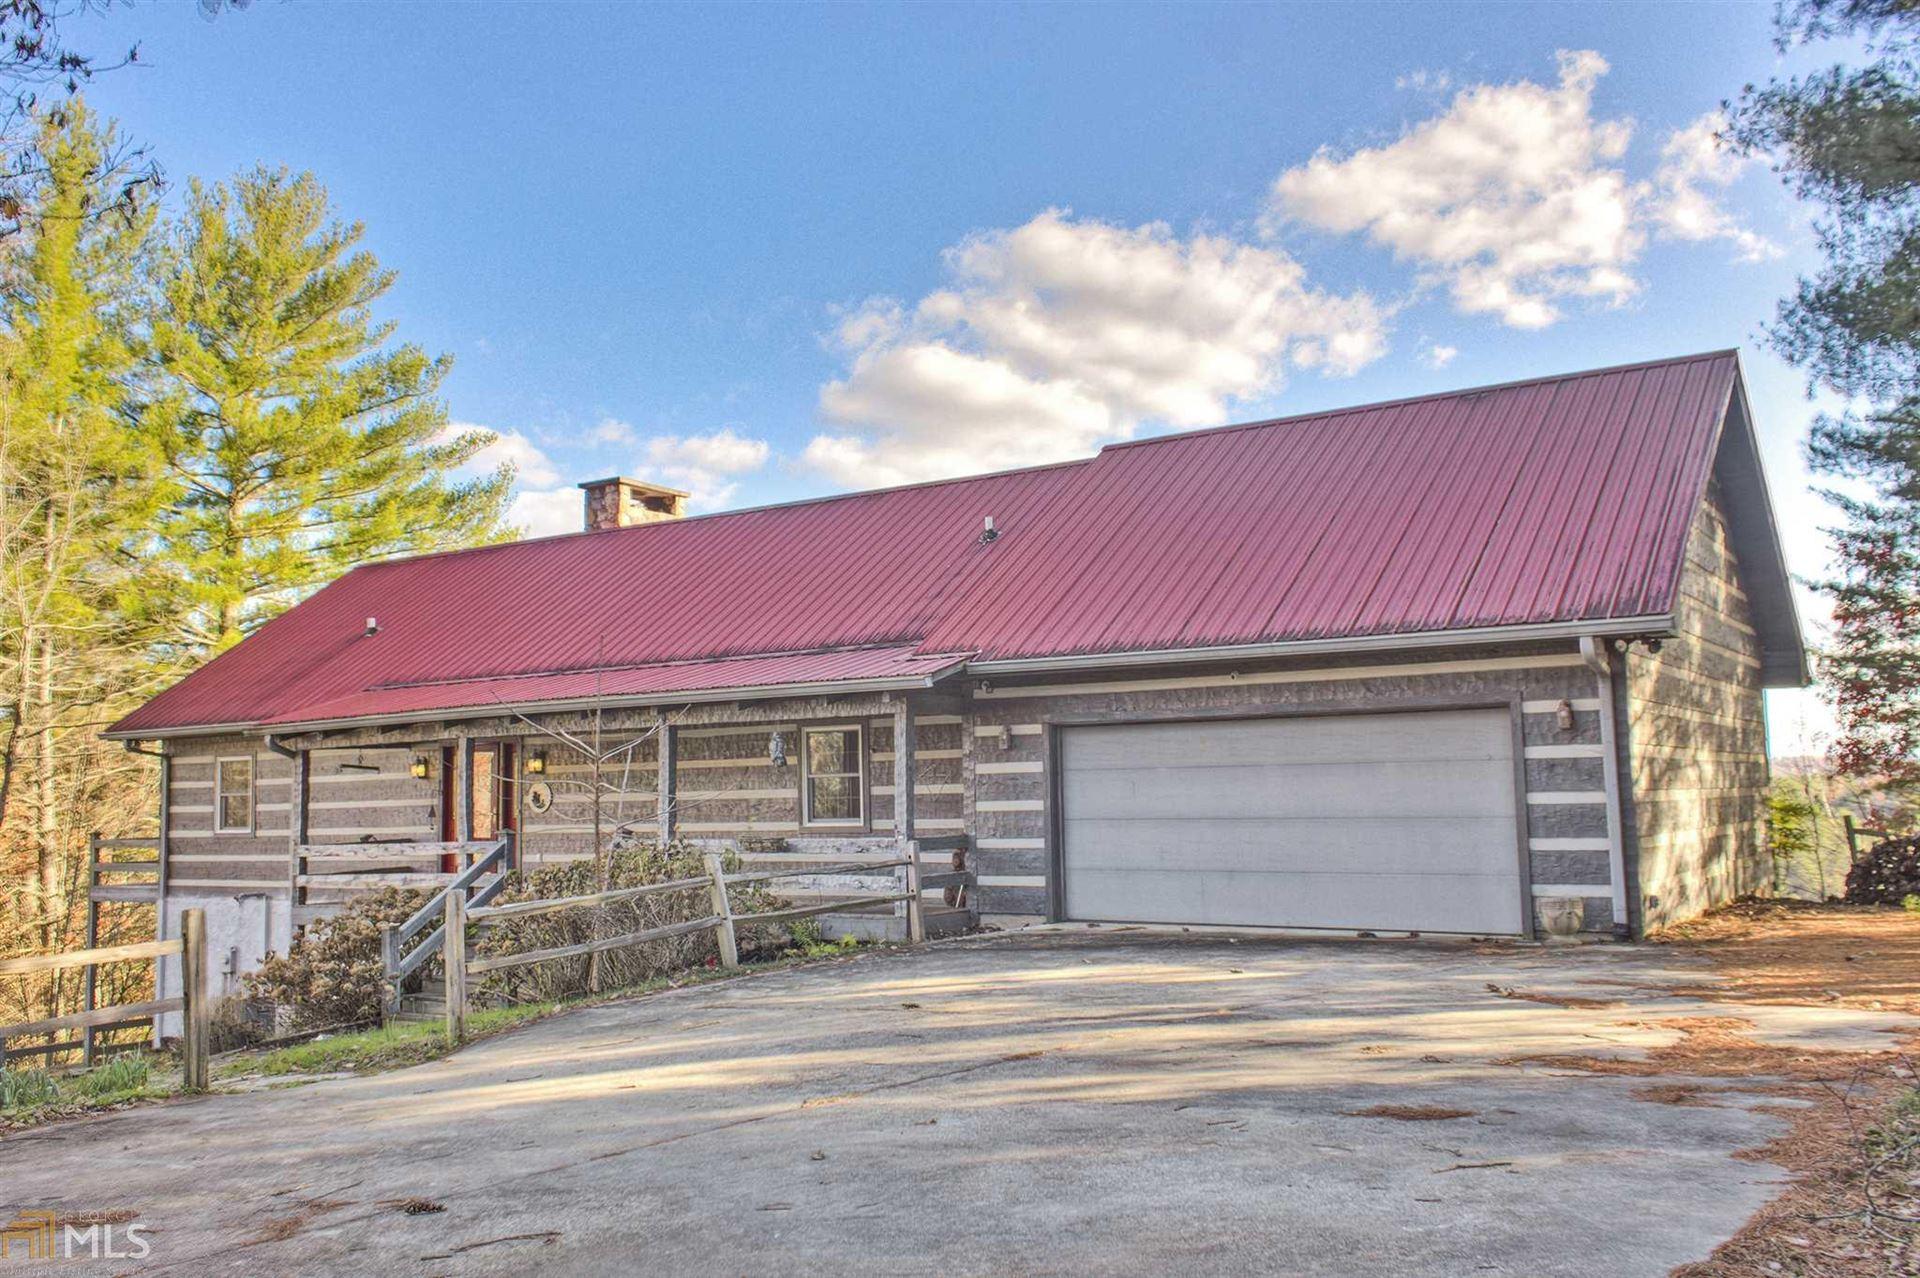 215 The Bluff, Morganton, GA 30560 - MLS#: 8877855